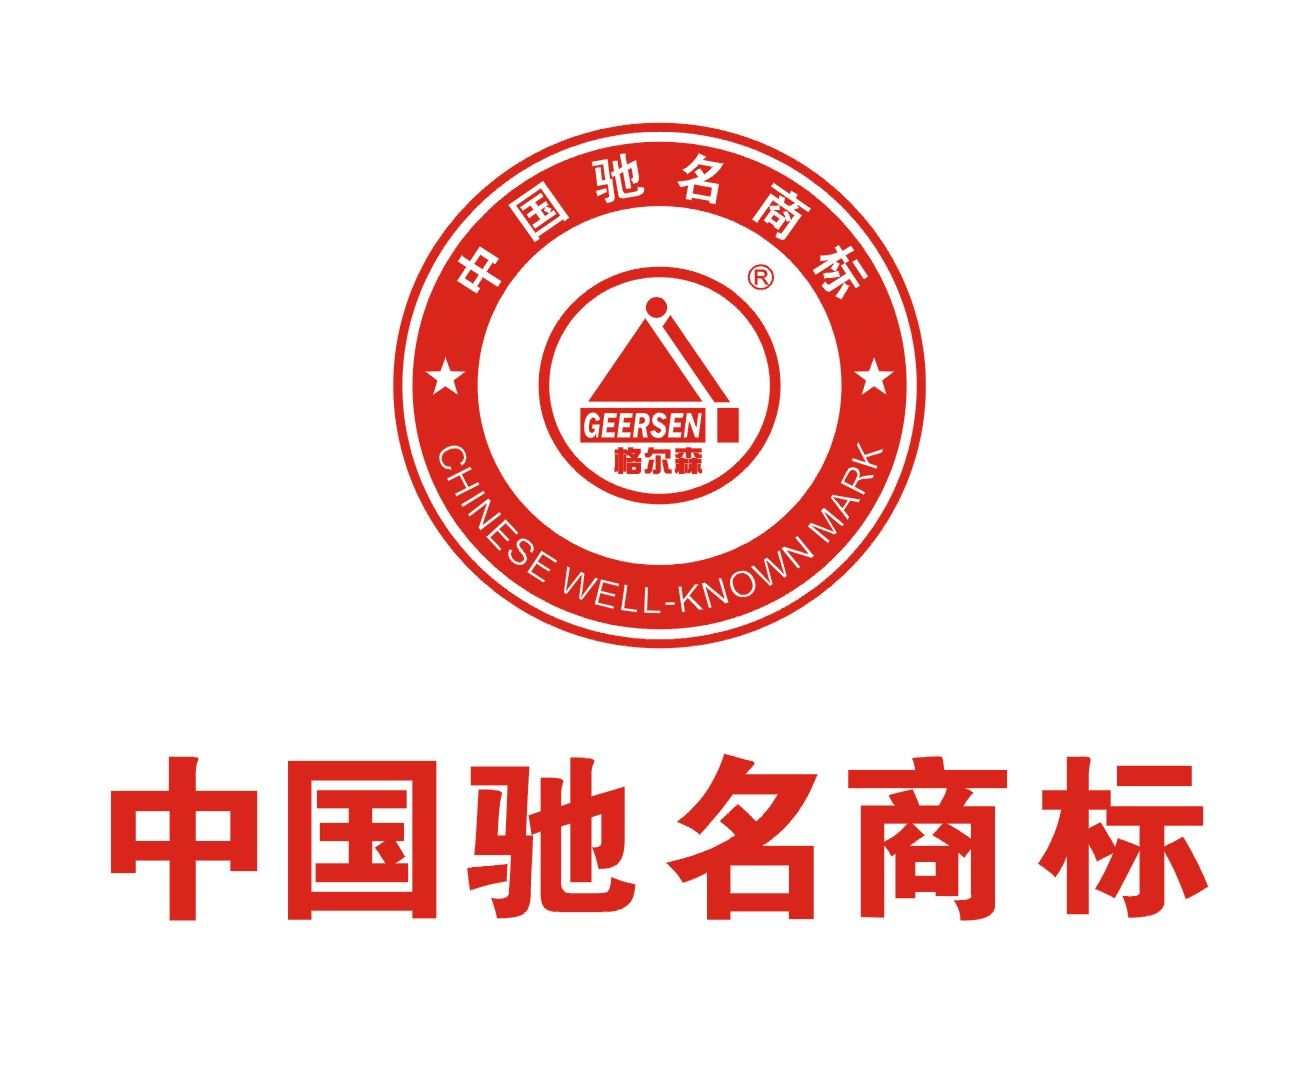 中国商标的具体类别